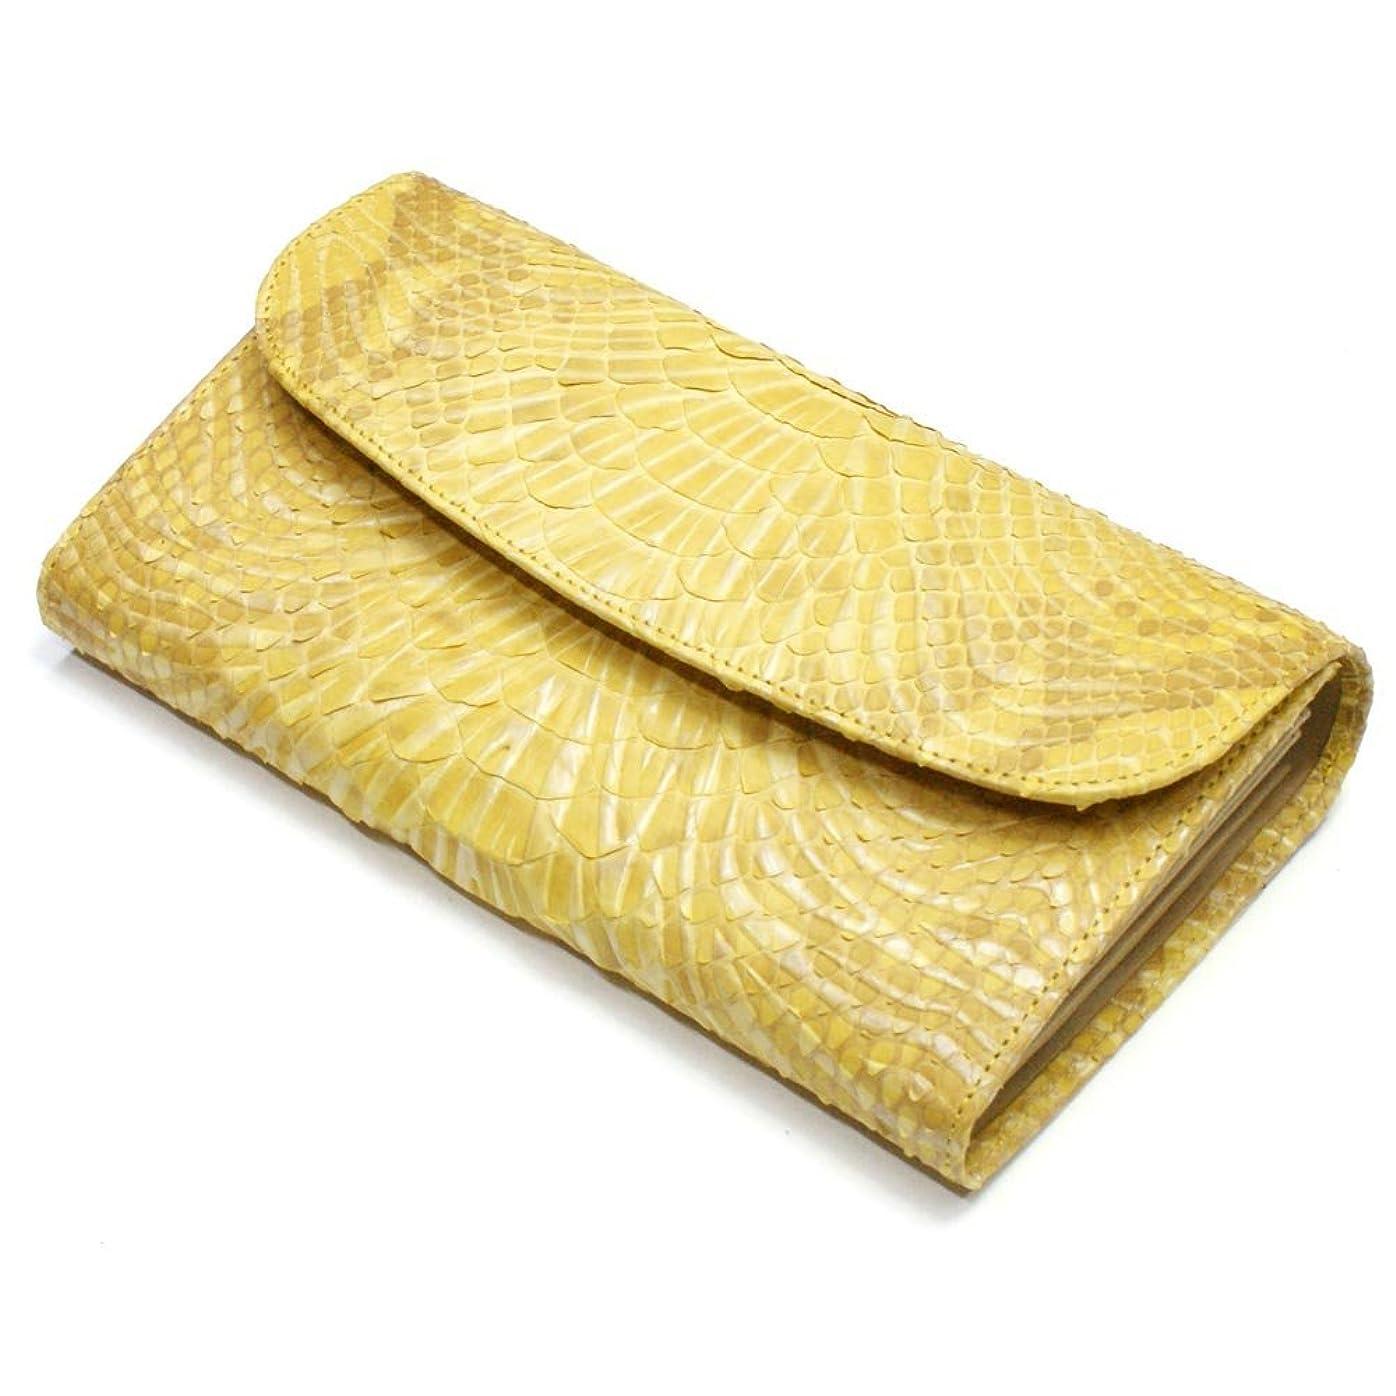 自然公園大統領家畜P-WV1121-YE パイソン革「蛇革」ギャルソン財布、ウェーブ風型押し仕上げ:「Lサイズ」:イエロー